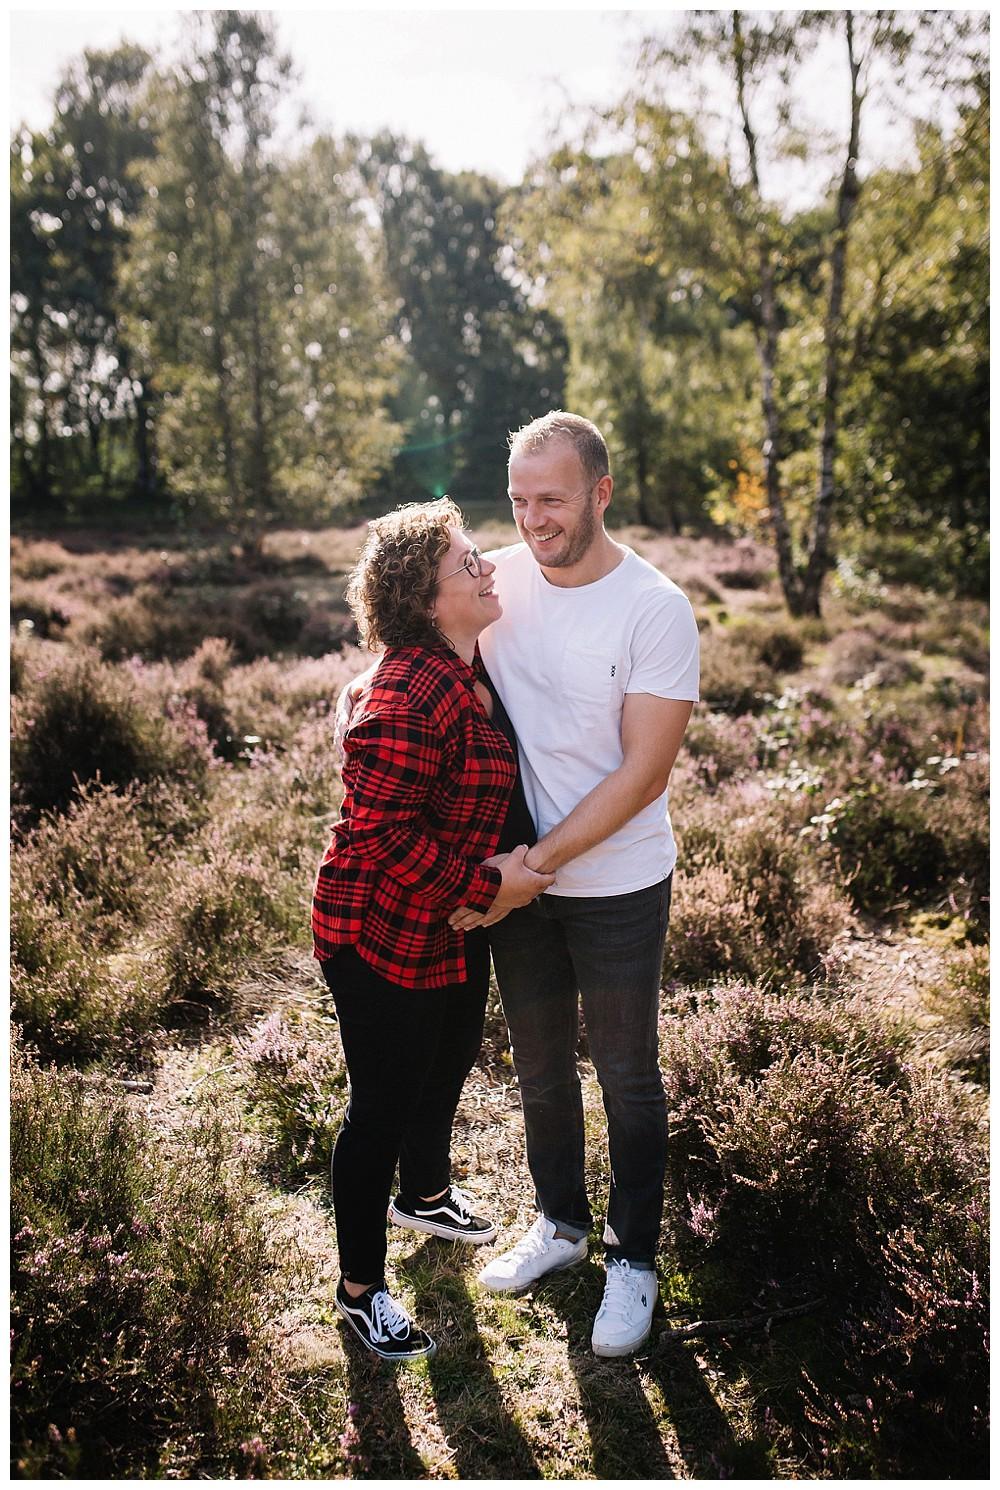 zwangerschap fotoshoot veenendaal slaperdijk hei